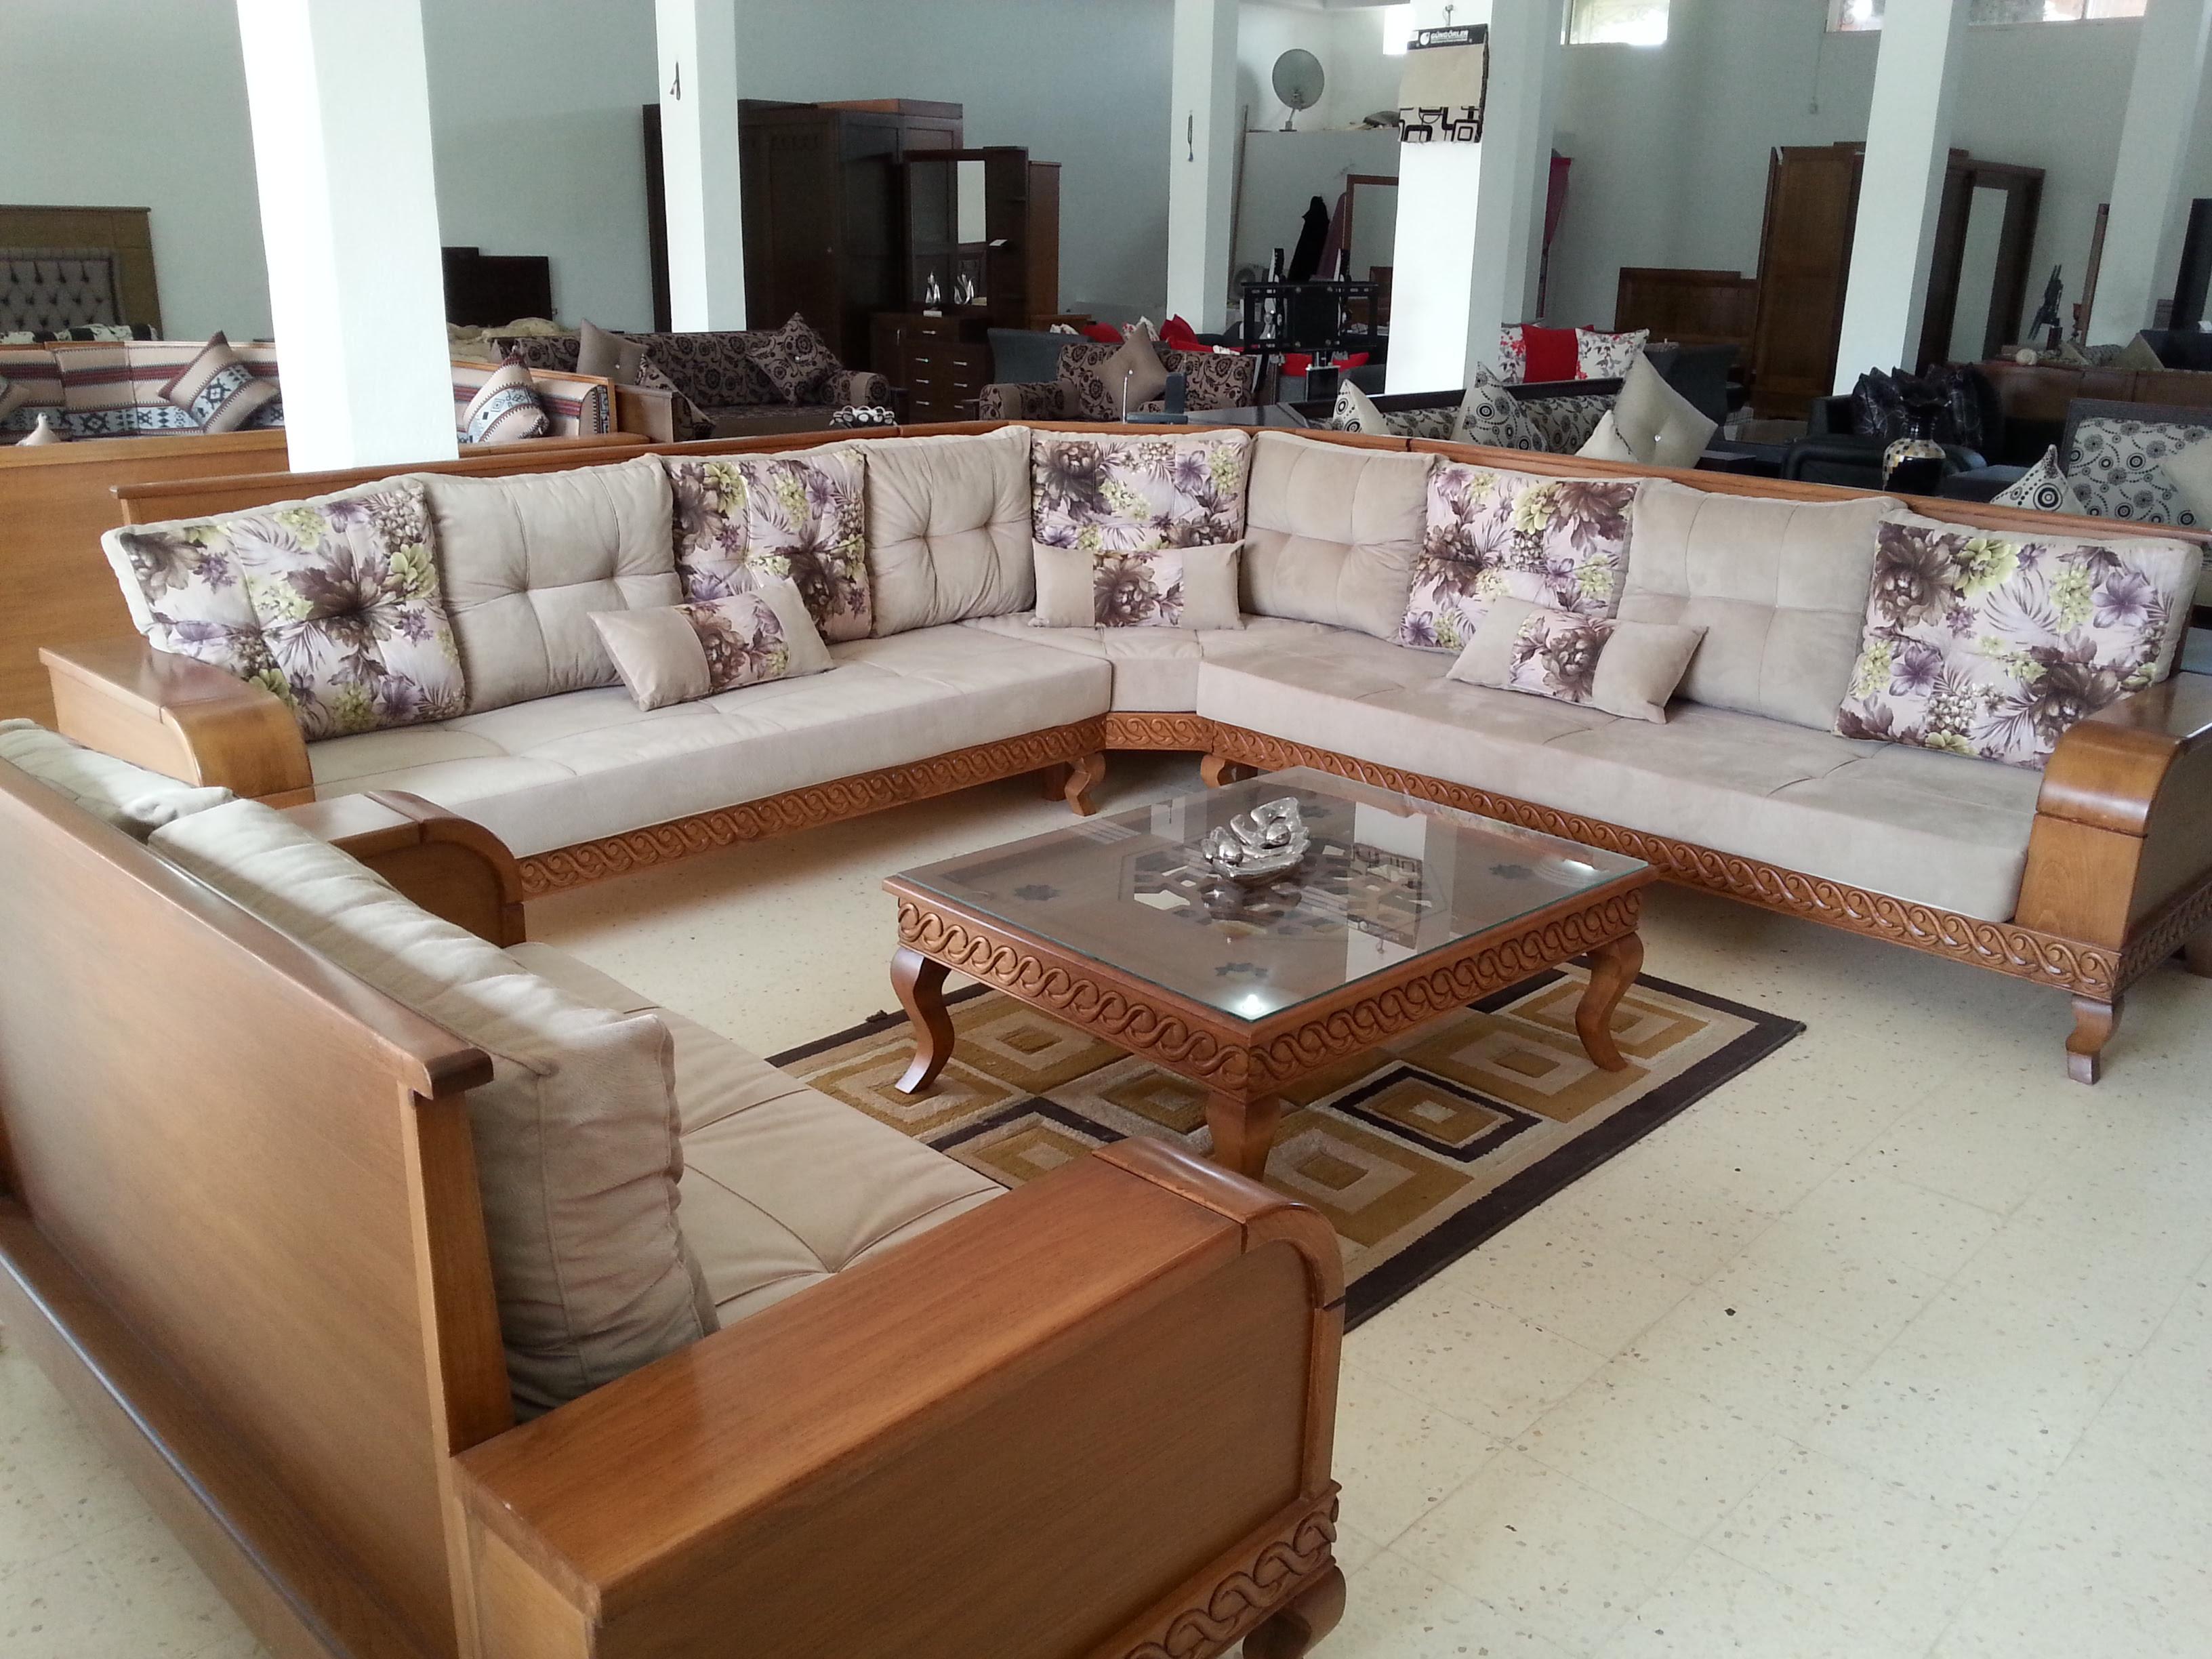 les meubles: Les Meubles De Salon En Bois